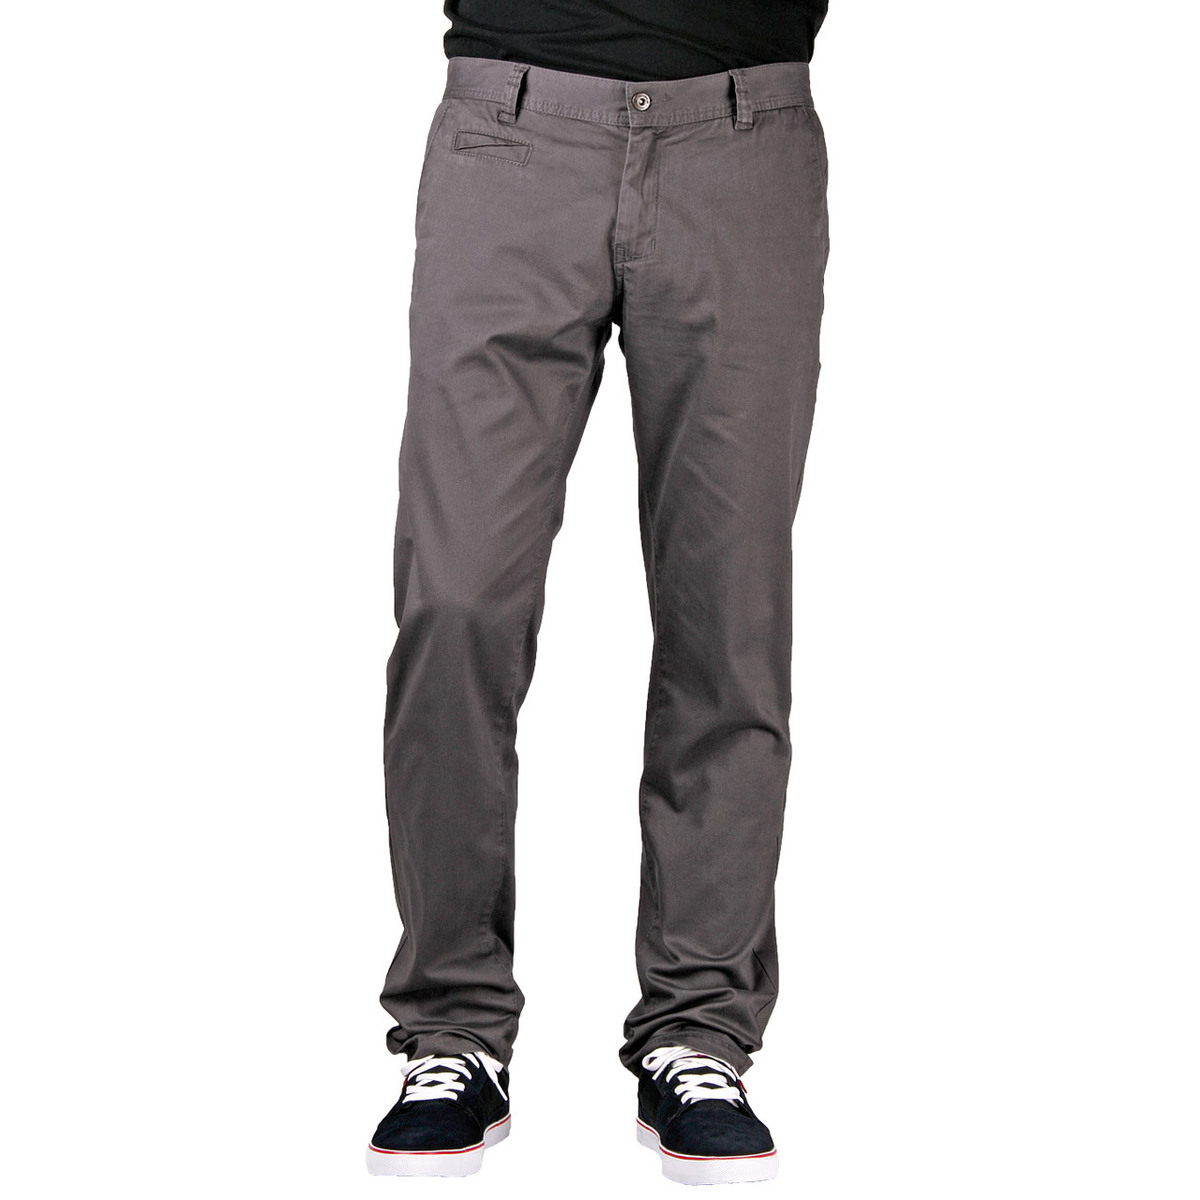 kalhoty pánské FUNSTORM - Ciro Ch. - 20 D Grey